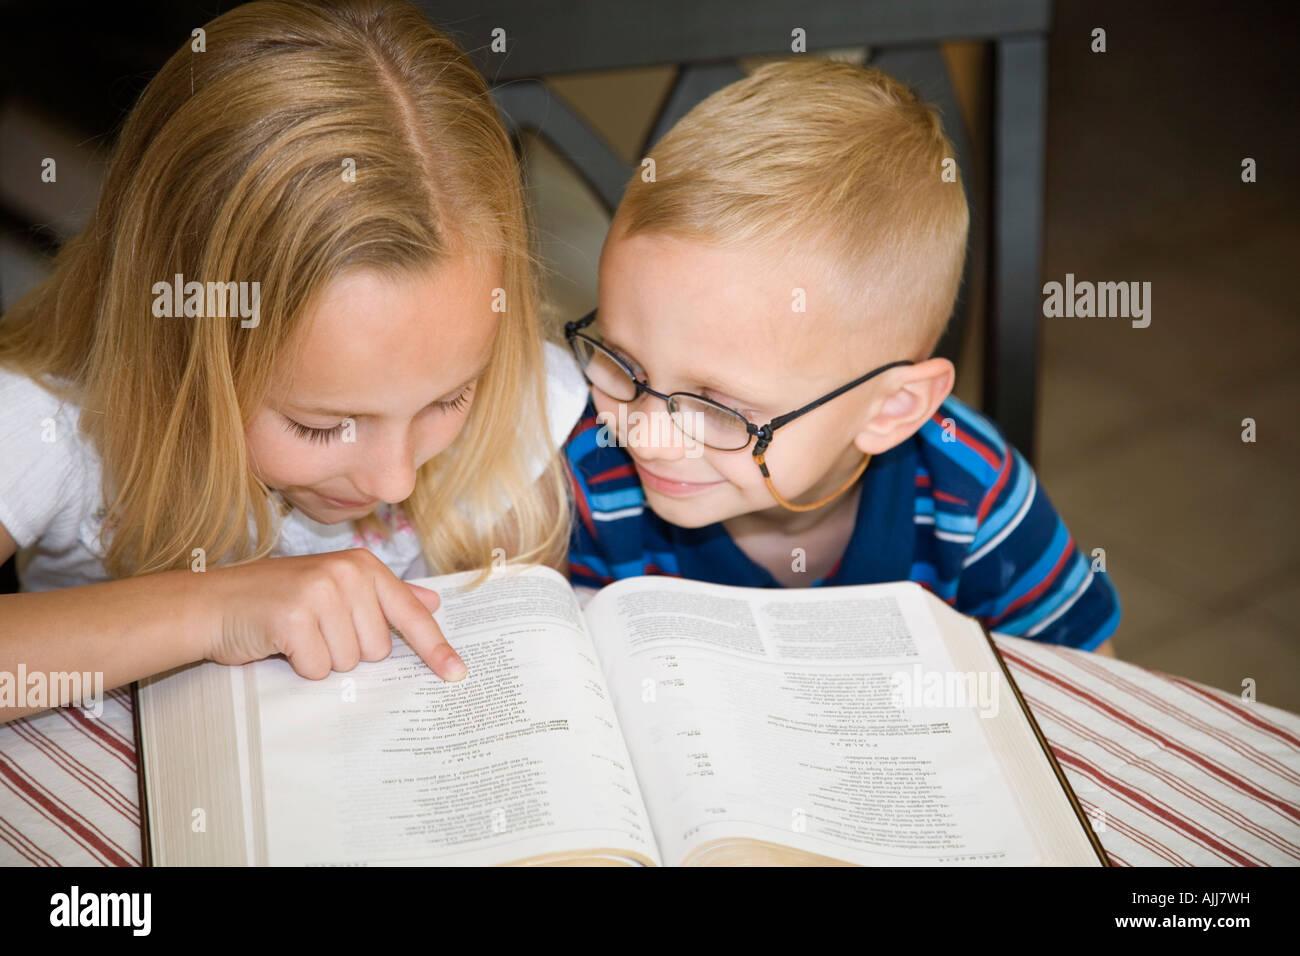 Niño Leyendo La Biblia Para Colorear: Niño Y Niña Leyendo La Biblia Juntos Foto & Imagen De